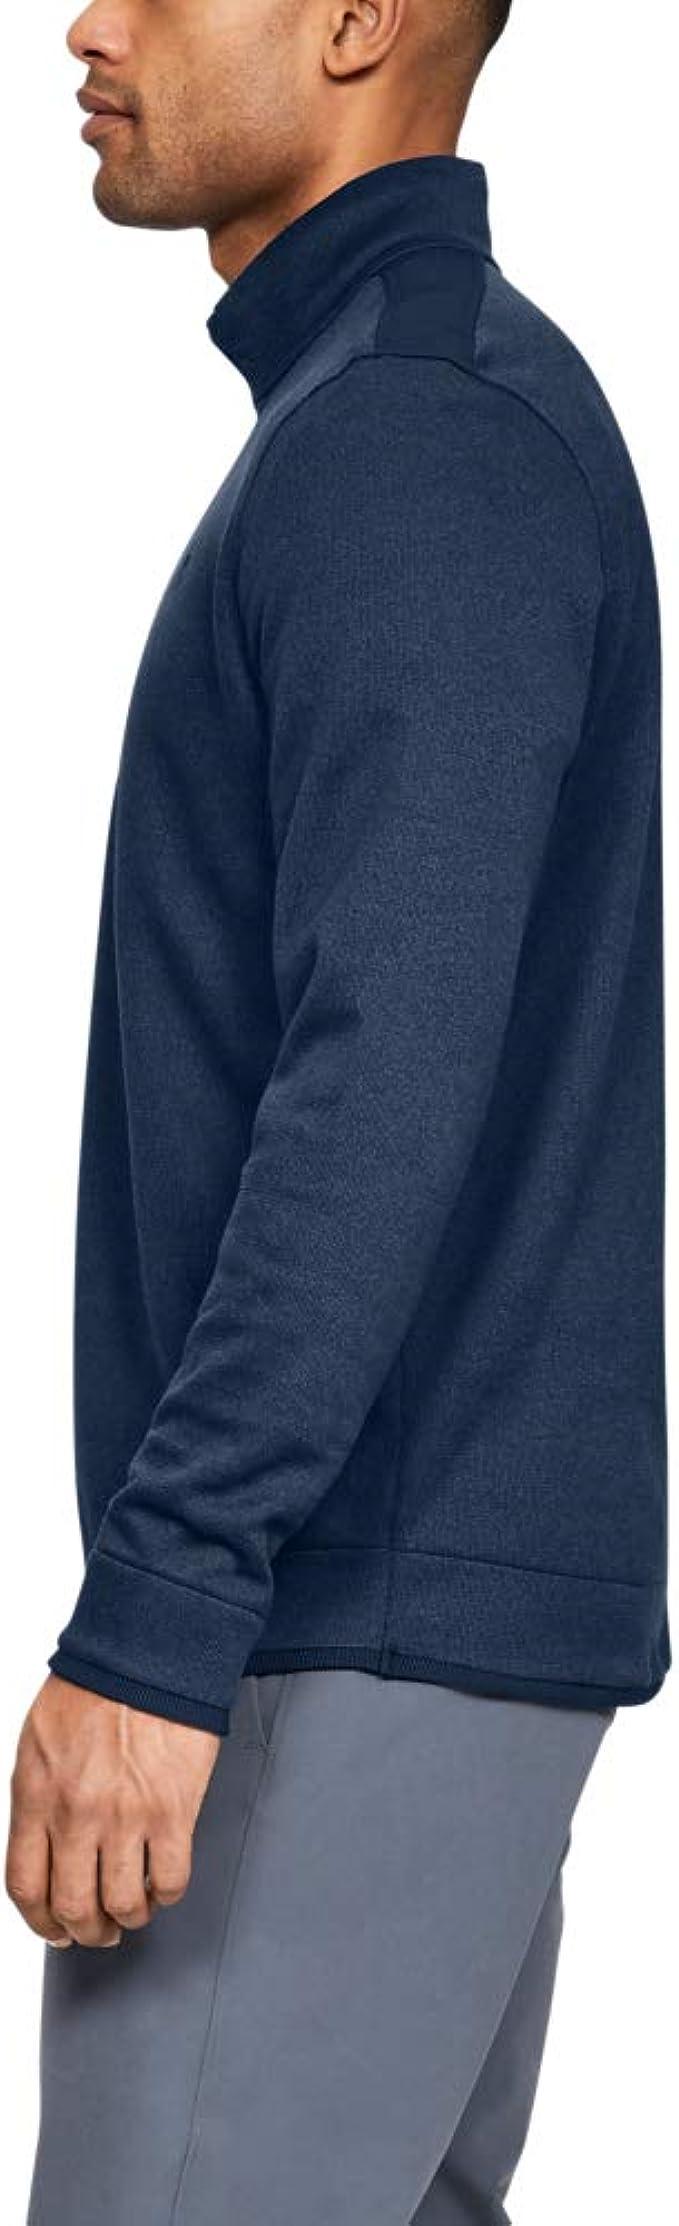 Under Armour Herren SweaterFleece 1//2 Zip Oberteil